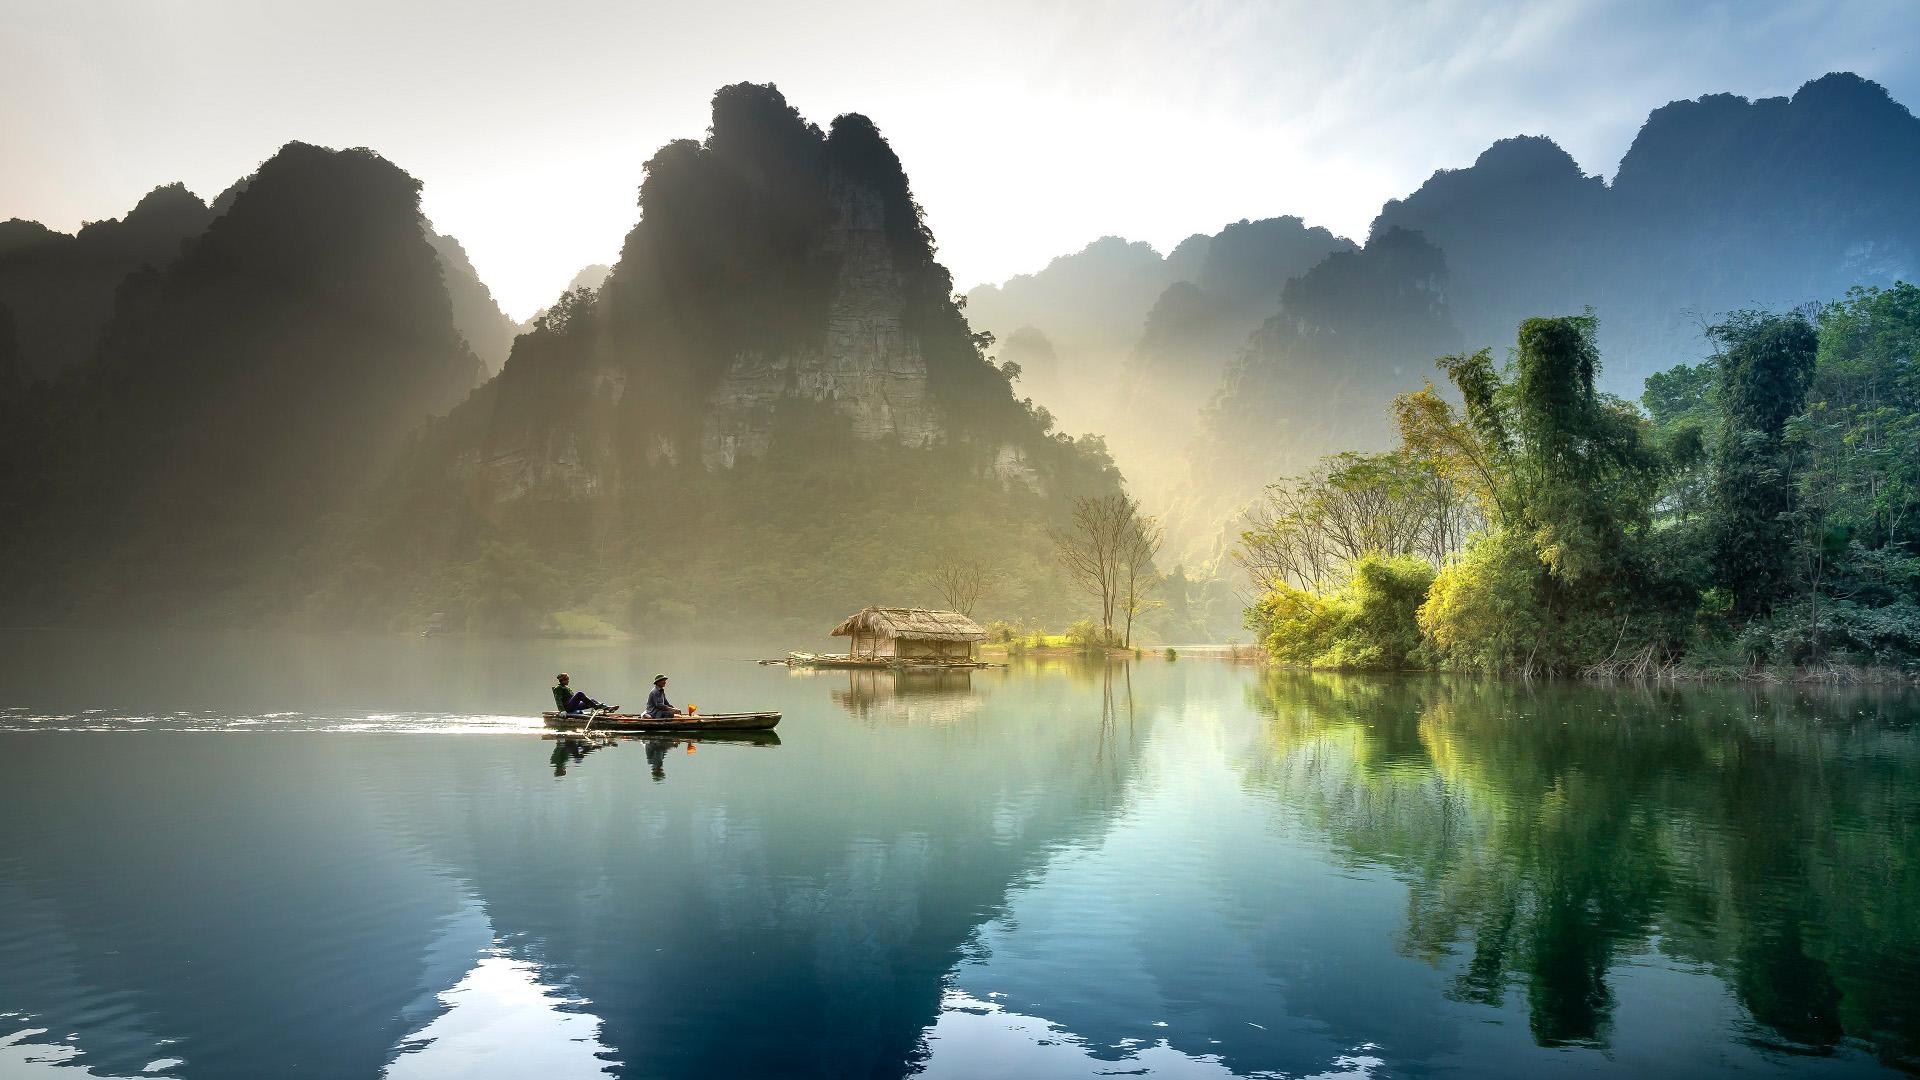 风景大片,自然风光,小船,木筏,桂林山水,倒影,仙境